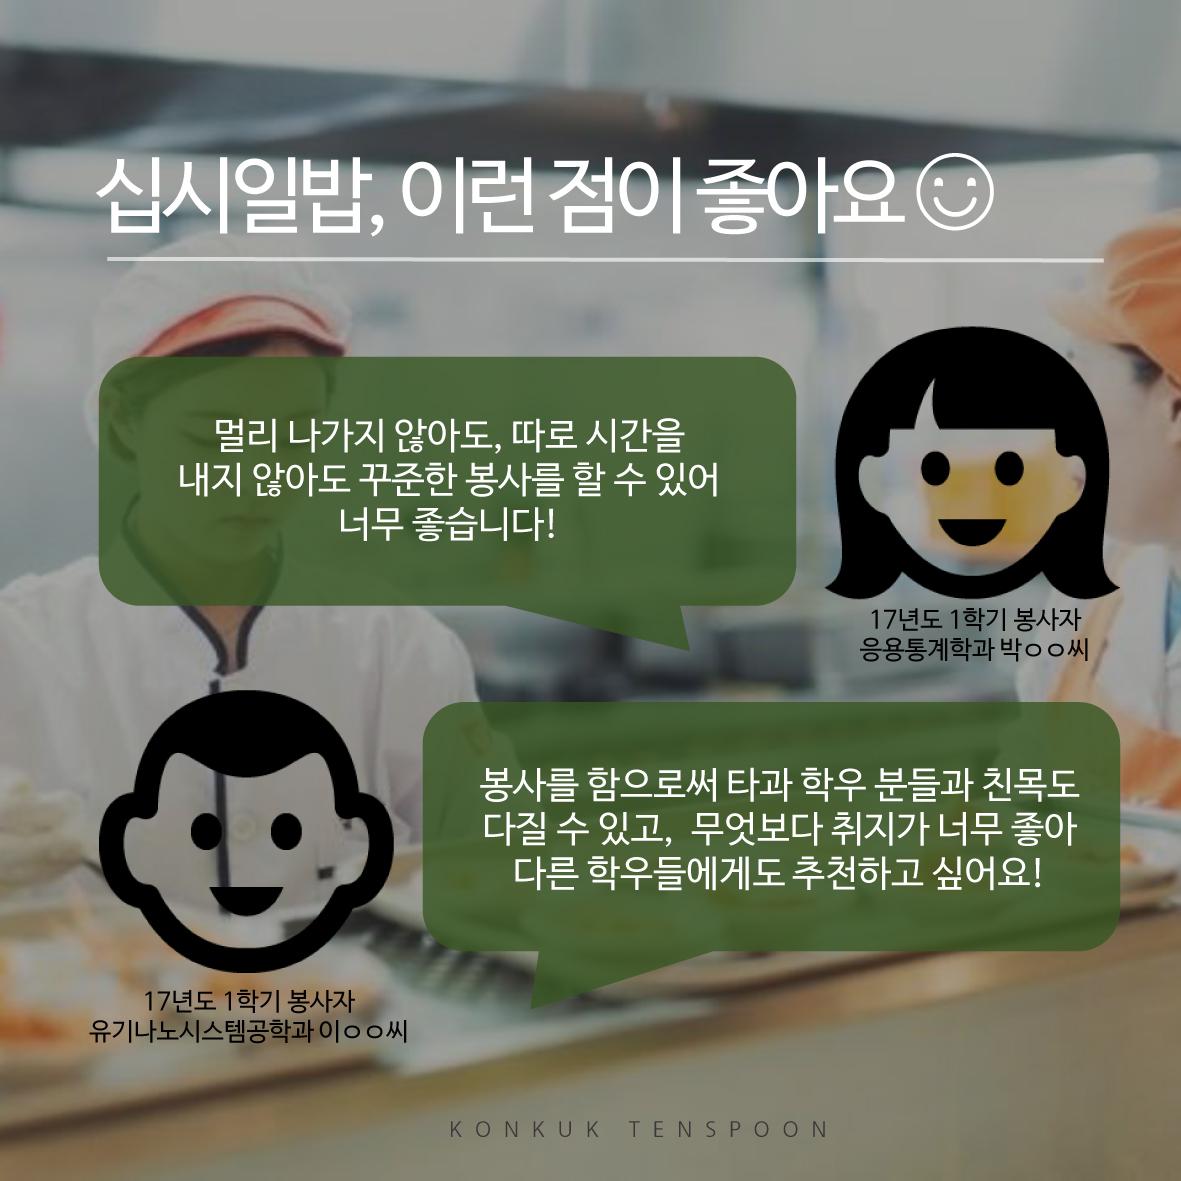 십시일밥 카드뉴스_완성-7.jpg